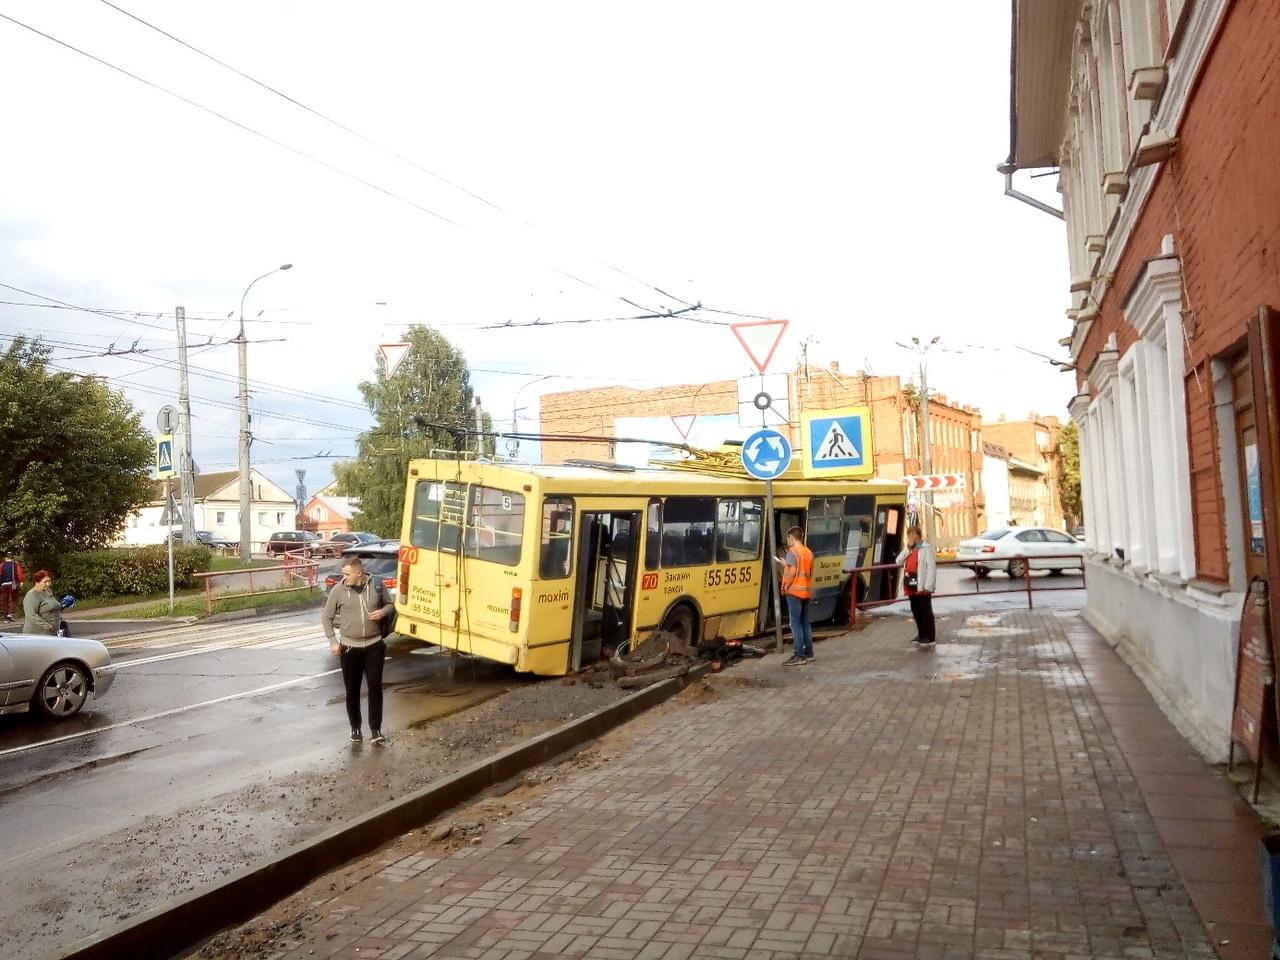 В центре Рыбинска троллейбус провалился в яму: кадры